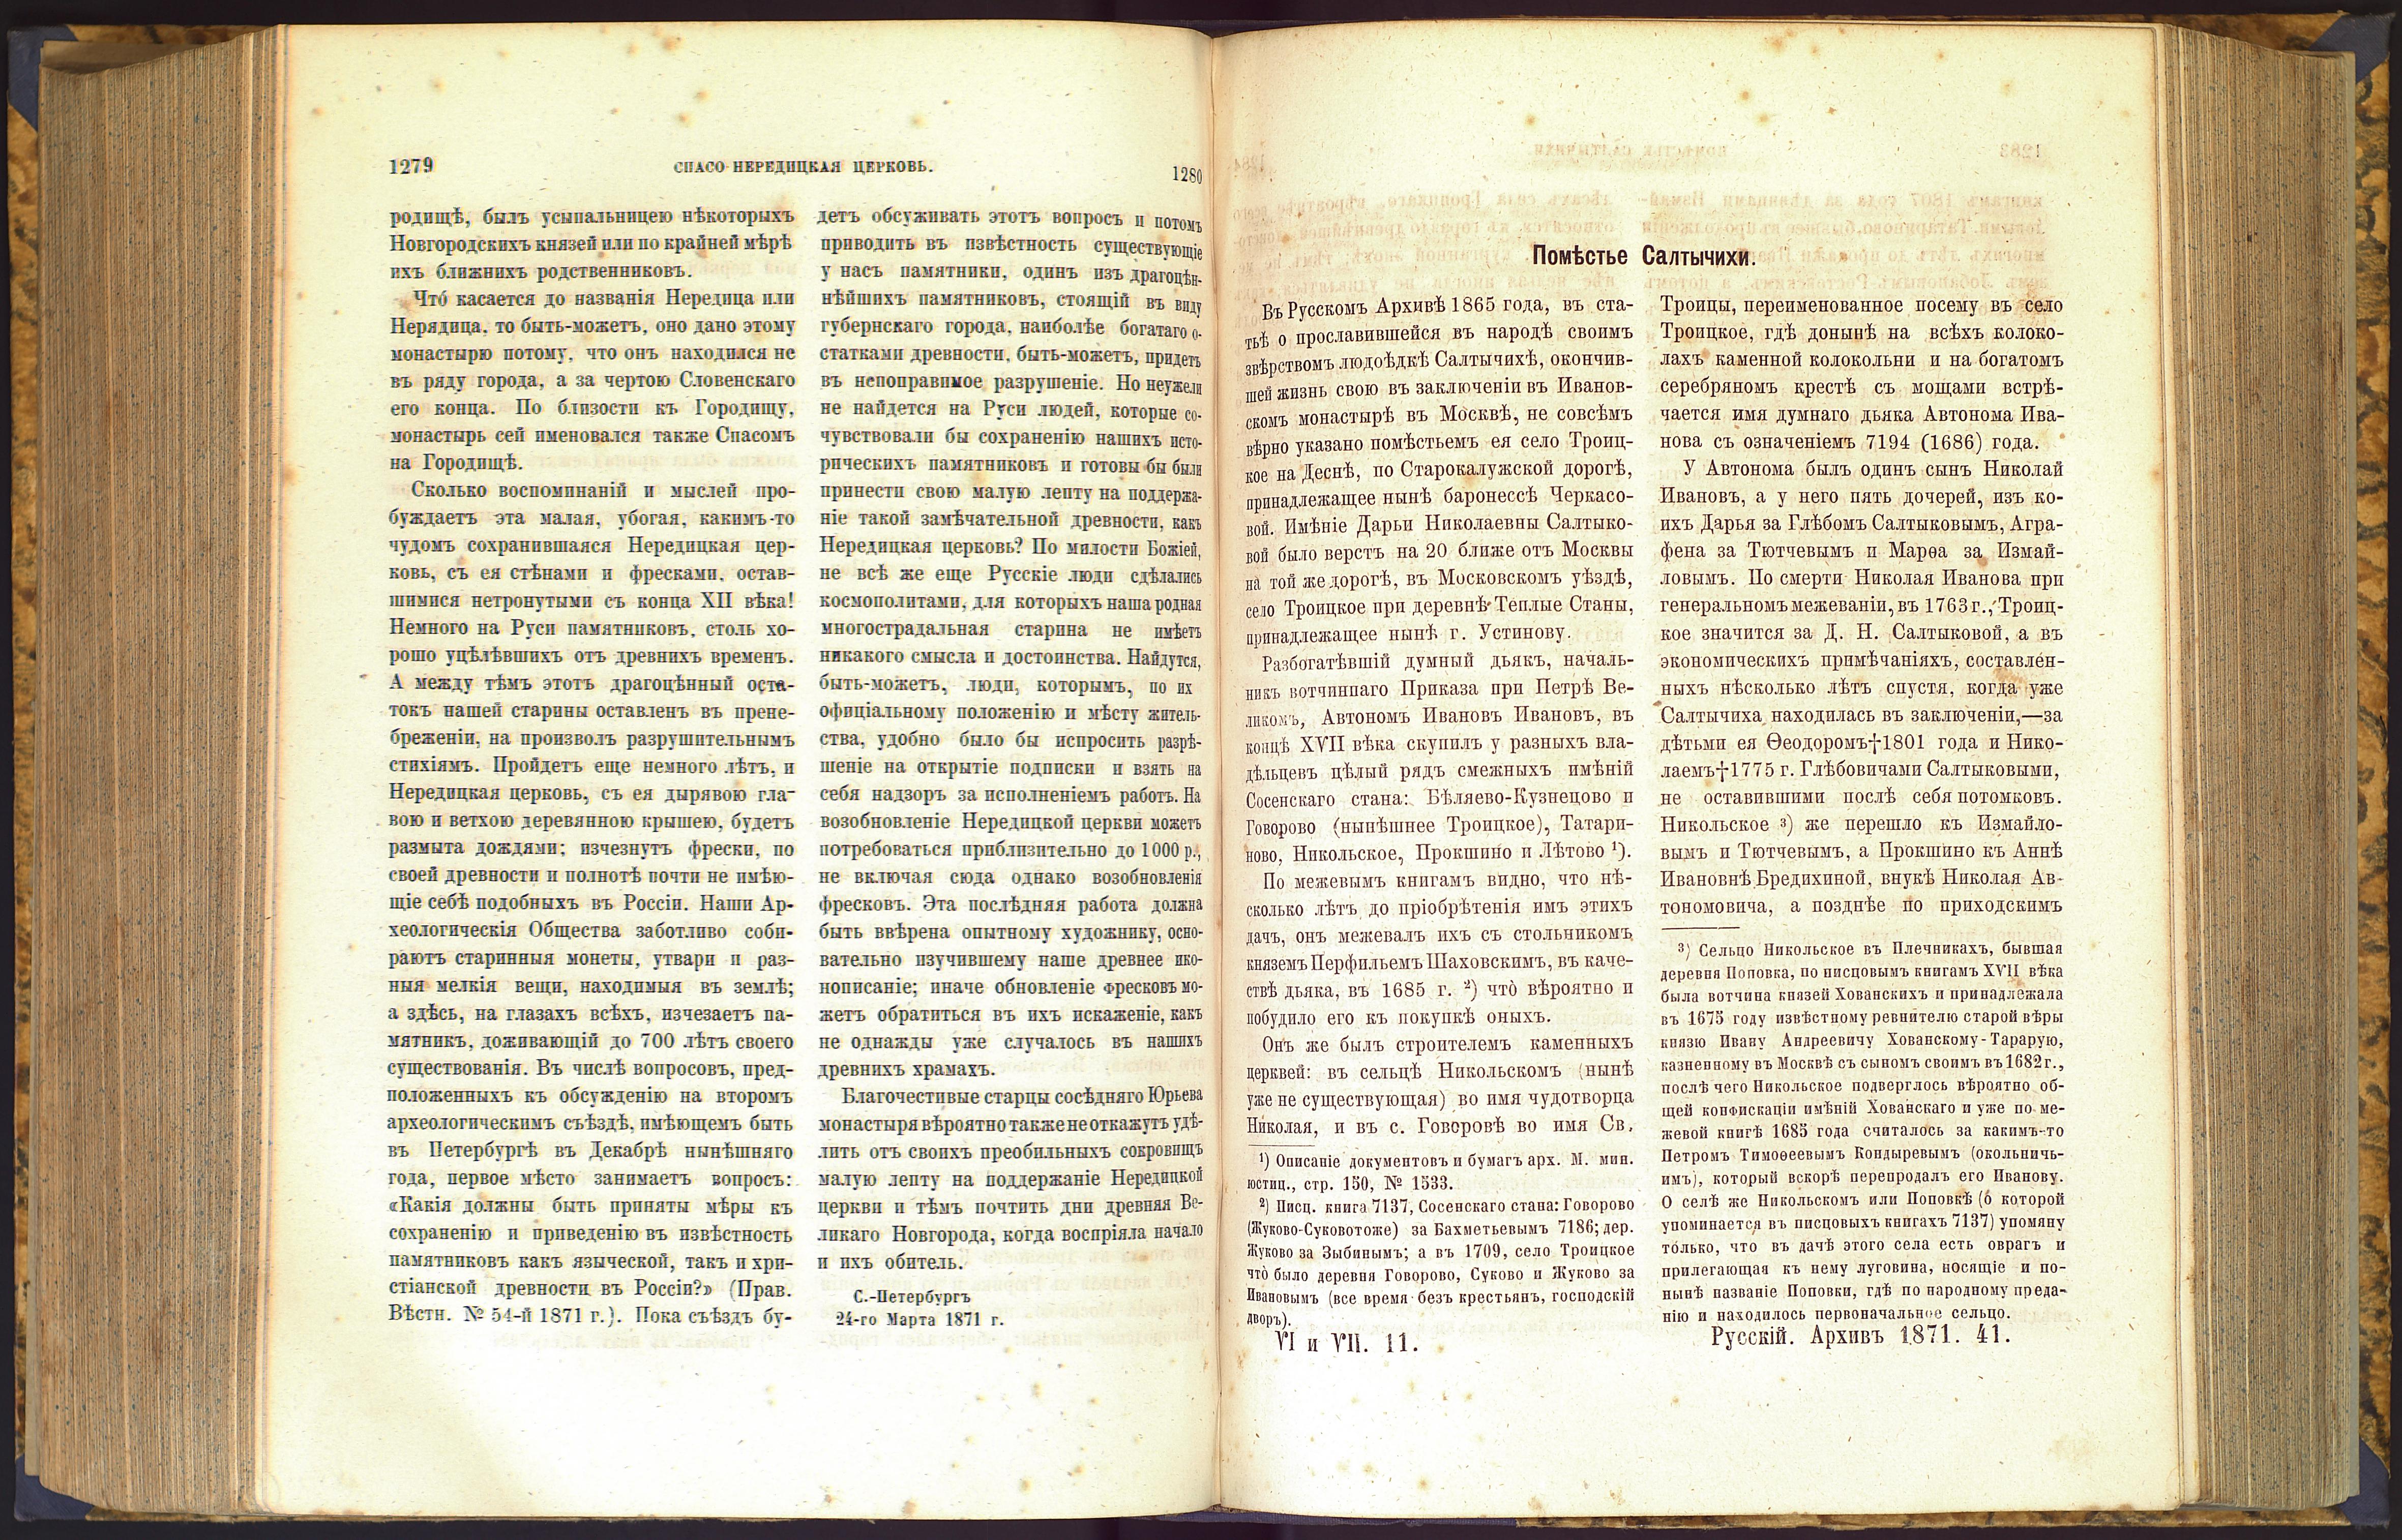 ЛОК-5845 ТАРХАНЫ КП-12096  Журнал Русский архив. №2._4